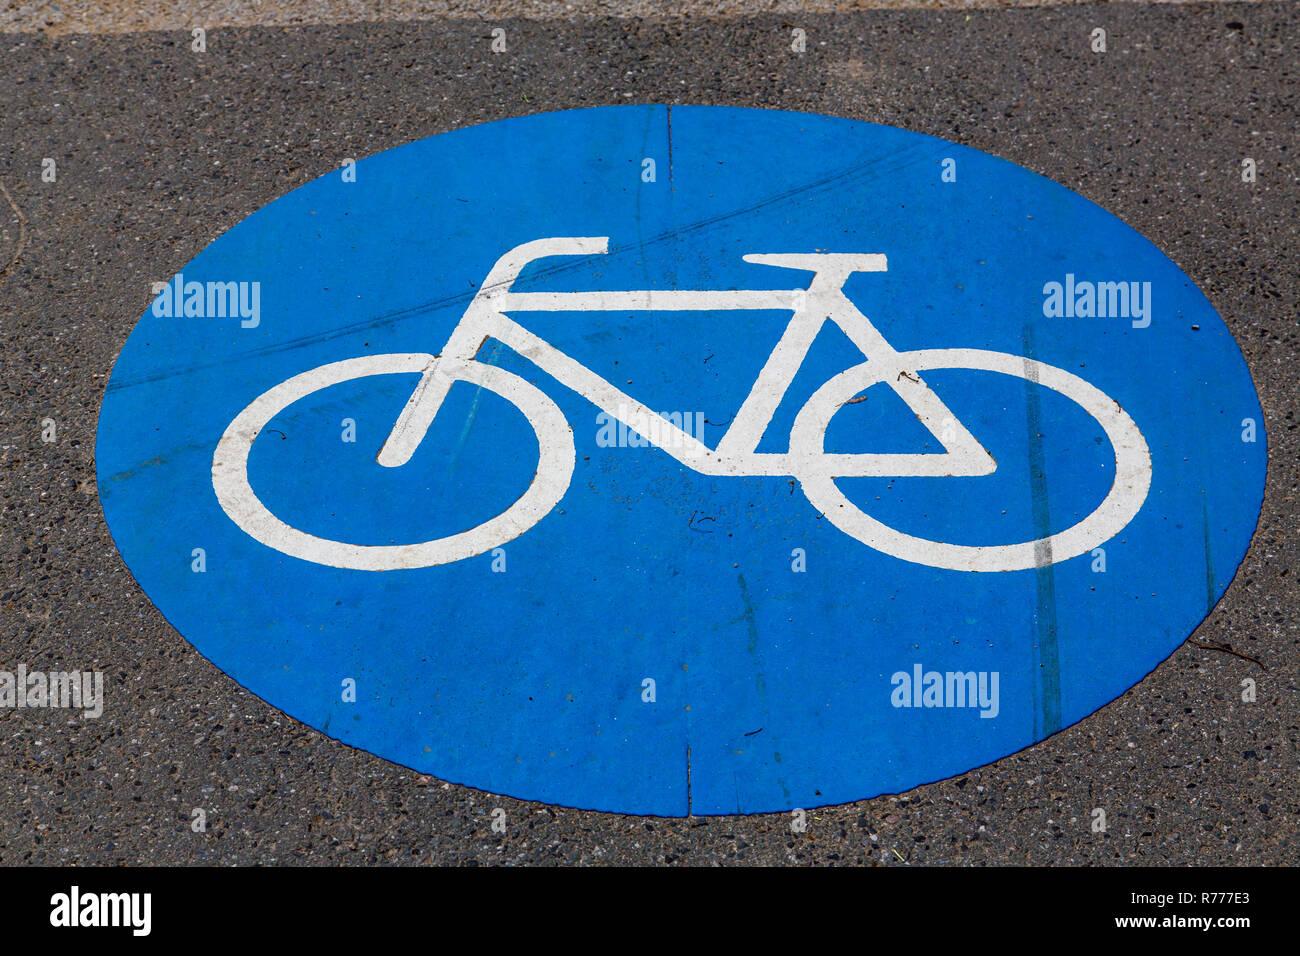 Radweg Markierung auf einem Gehsteig Stockfoto